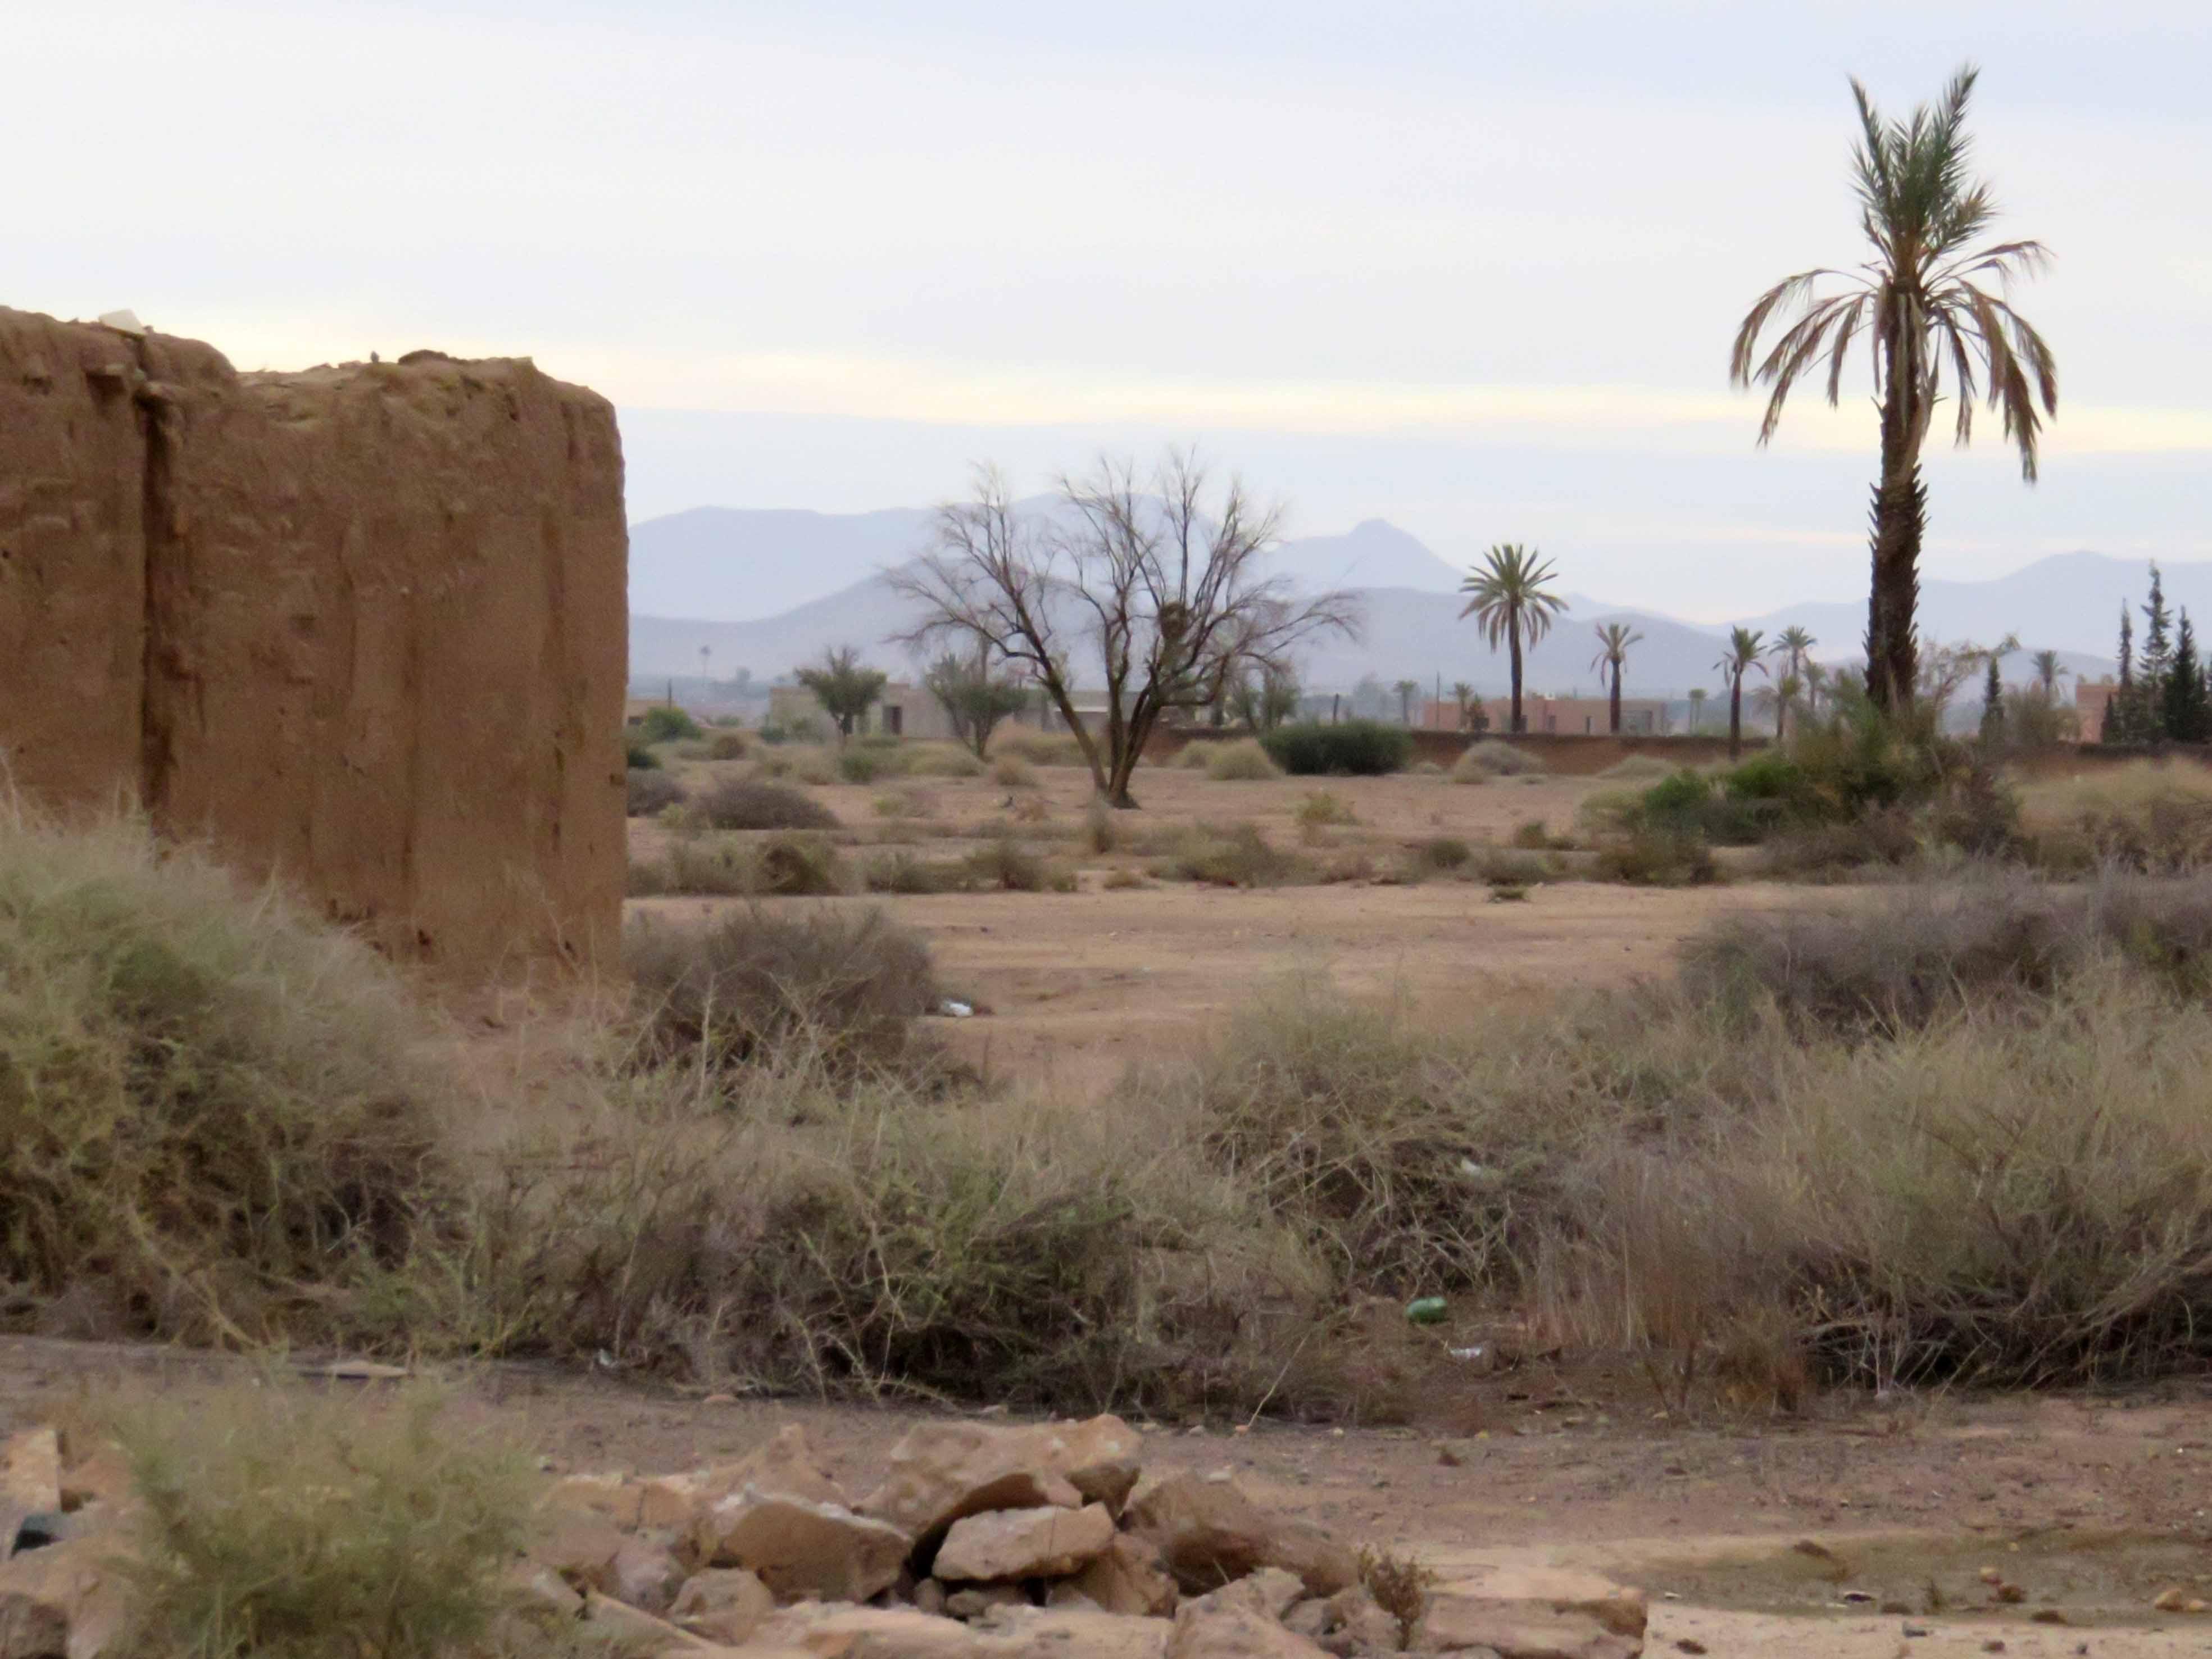 palmen-am-rande-einer-oase